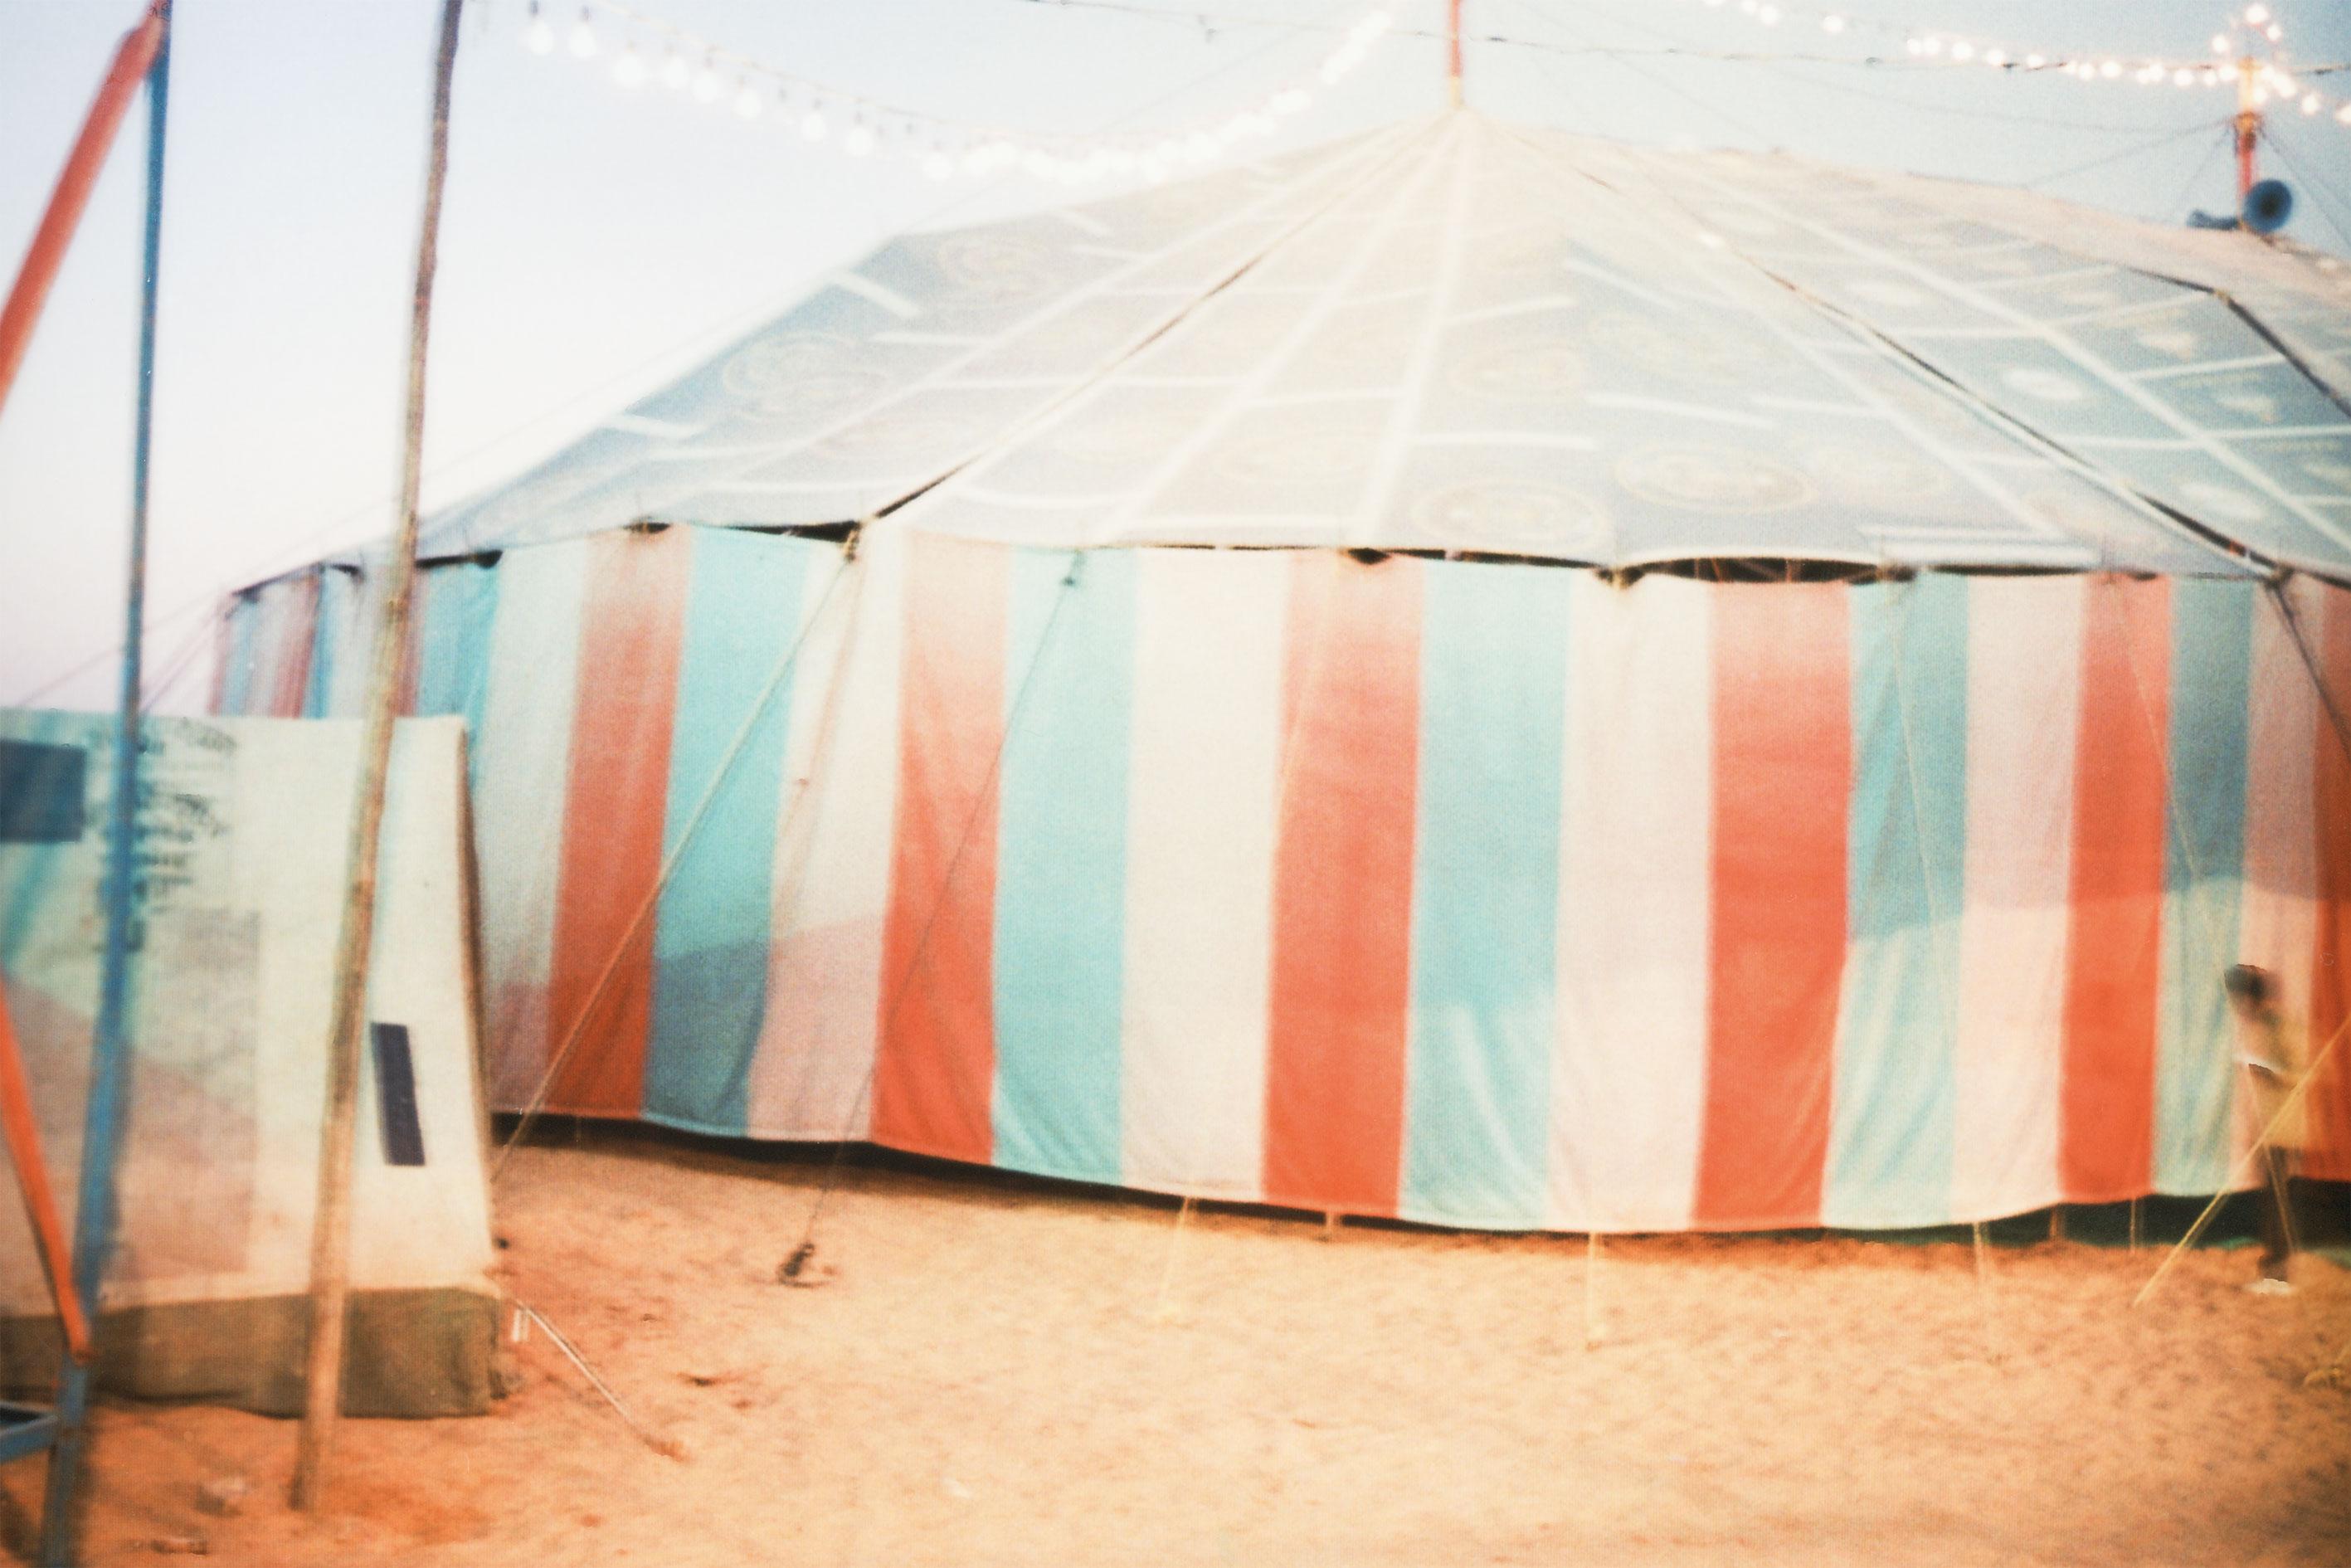 Boy at Circus,Pushkar, Rajasthan, India